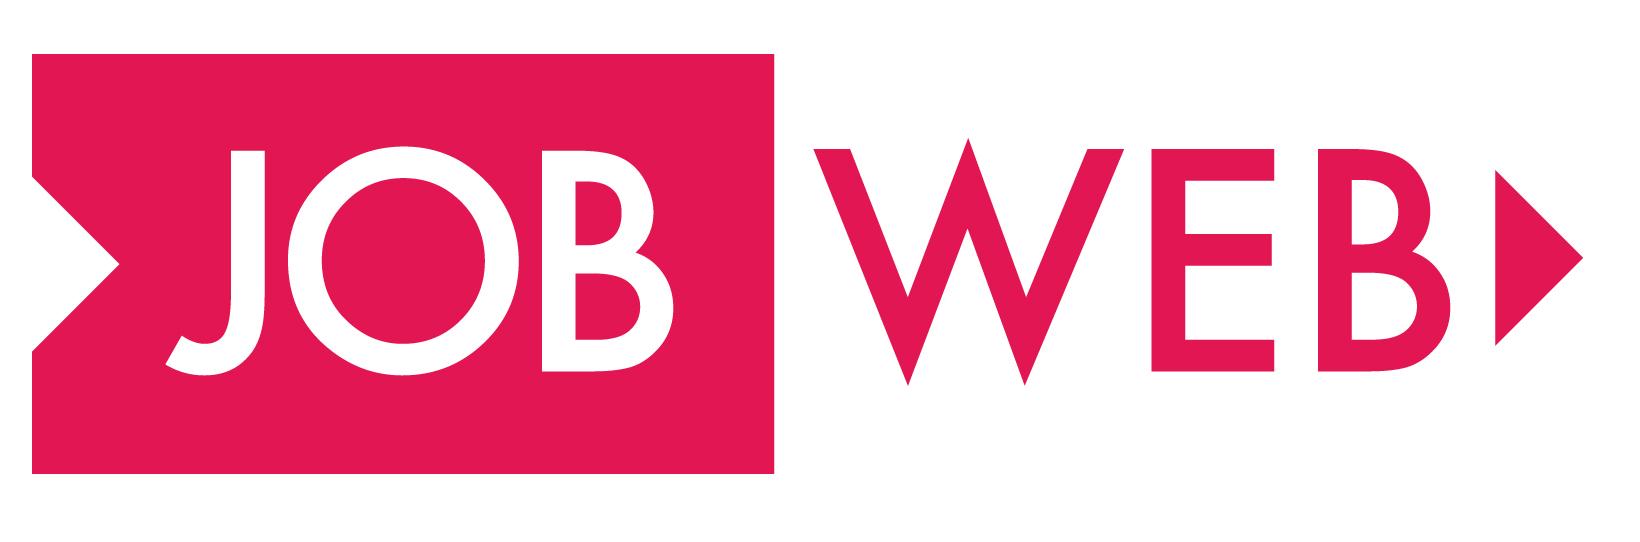 qui sommes nous jobweb jobweb est un site web d emploi généraliste qui a pour devise simplicité précision et efficacité